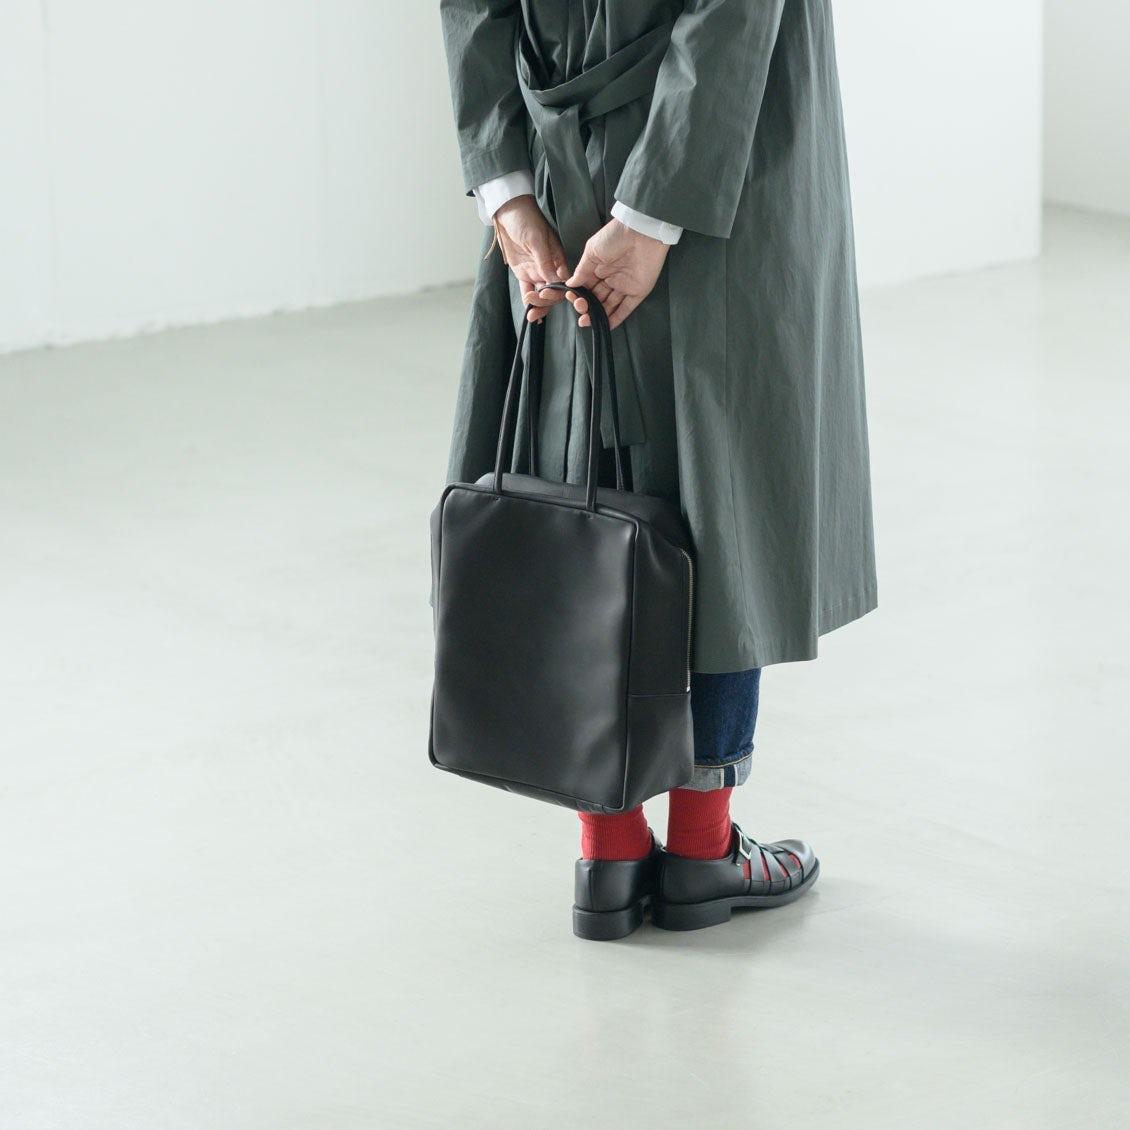 【新商品】通勤にぴったり!たっぷり収納できて、女性らしいレザーバッグの登場です!